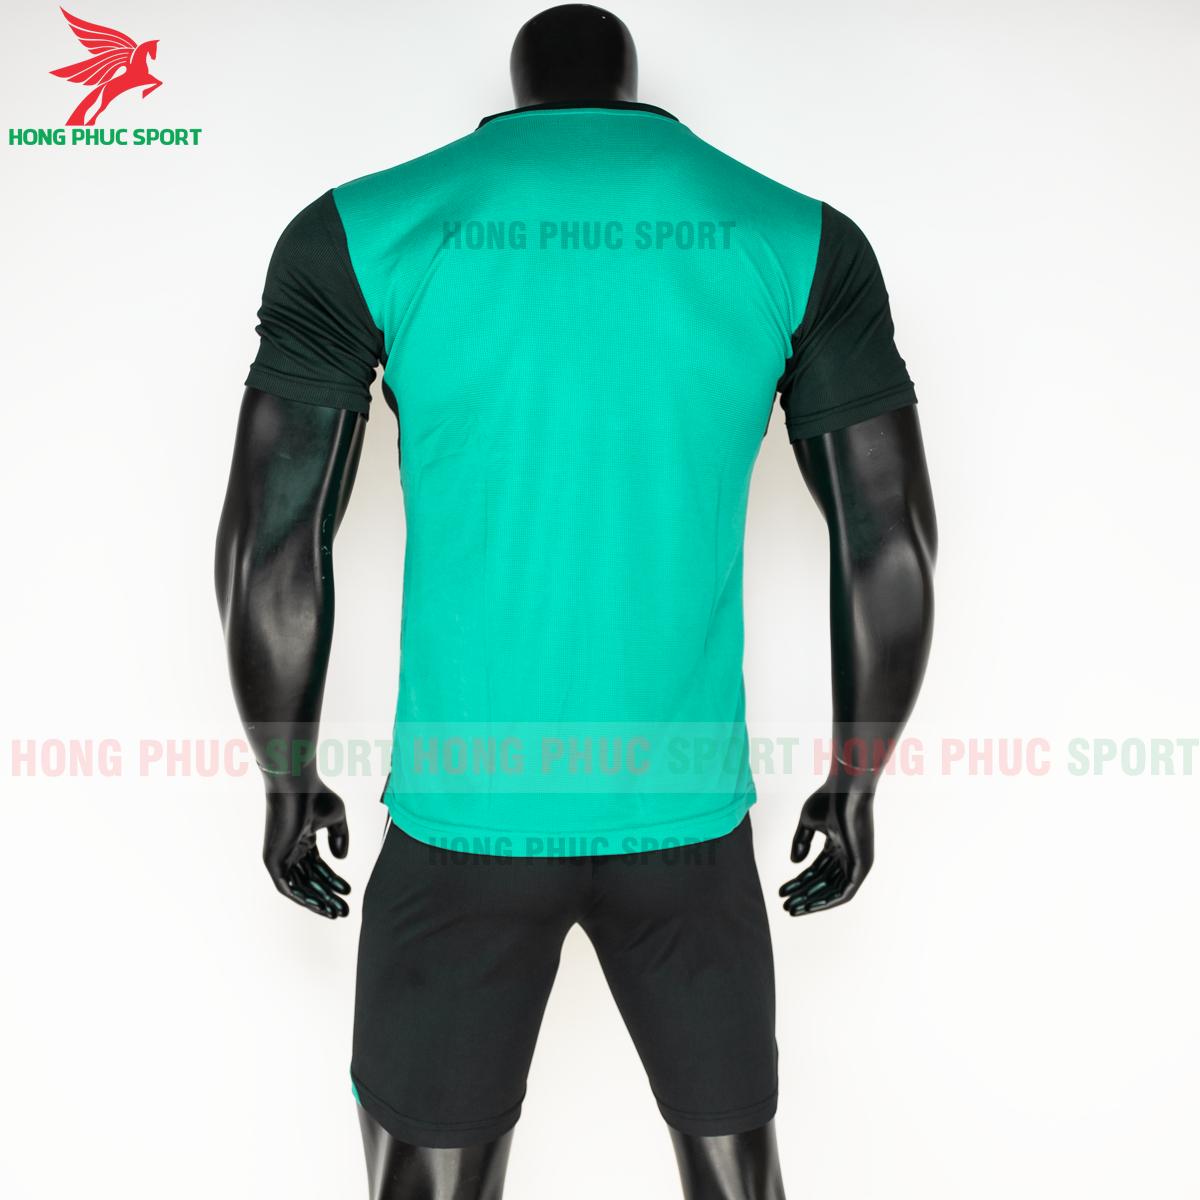 Quần áo bóng chuyền Jordan 2020 mẫu 3 (sau)